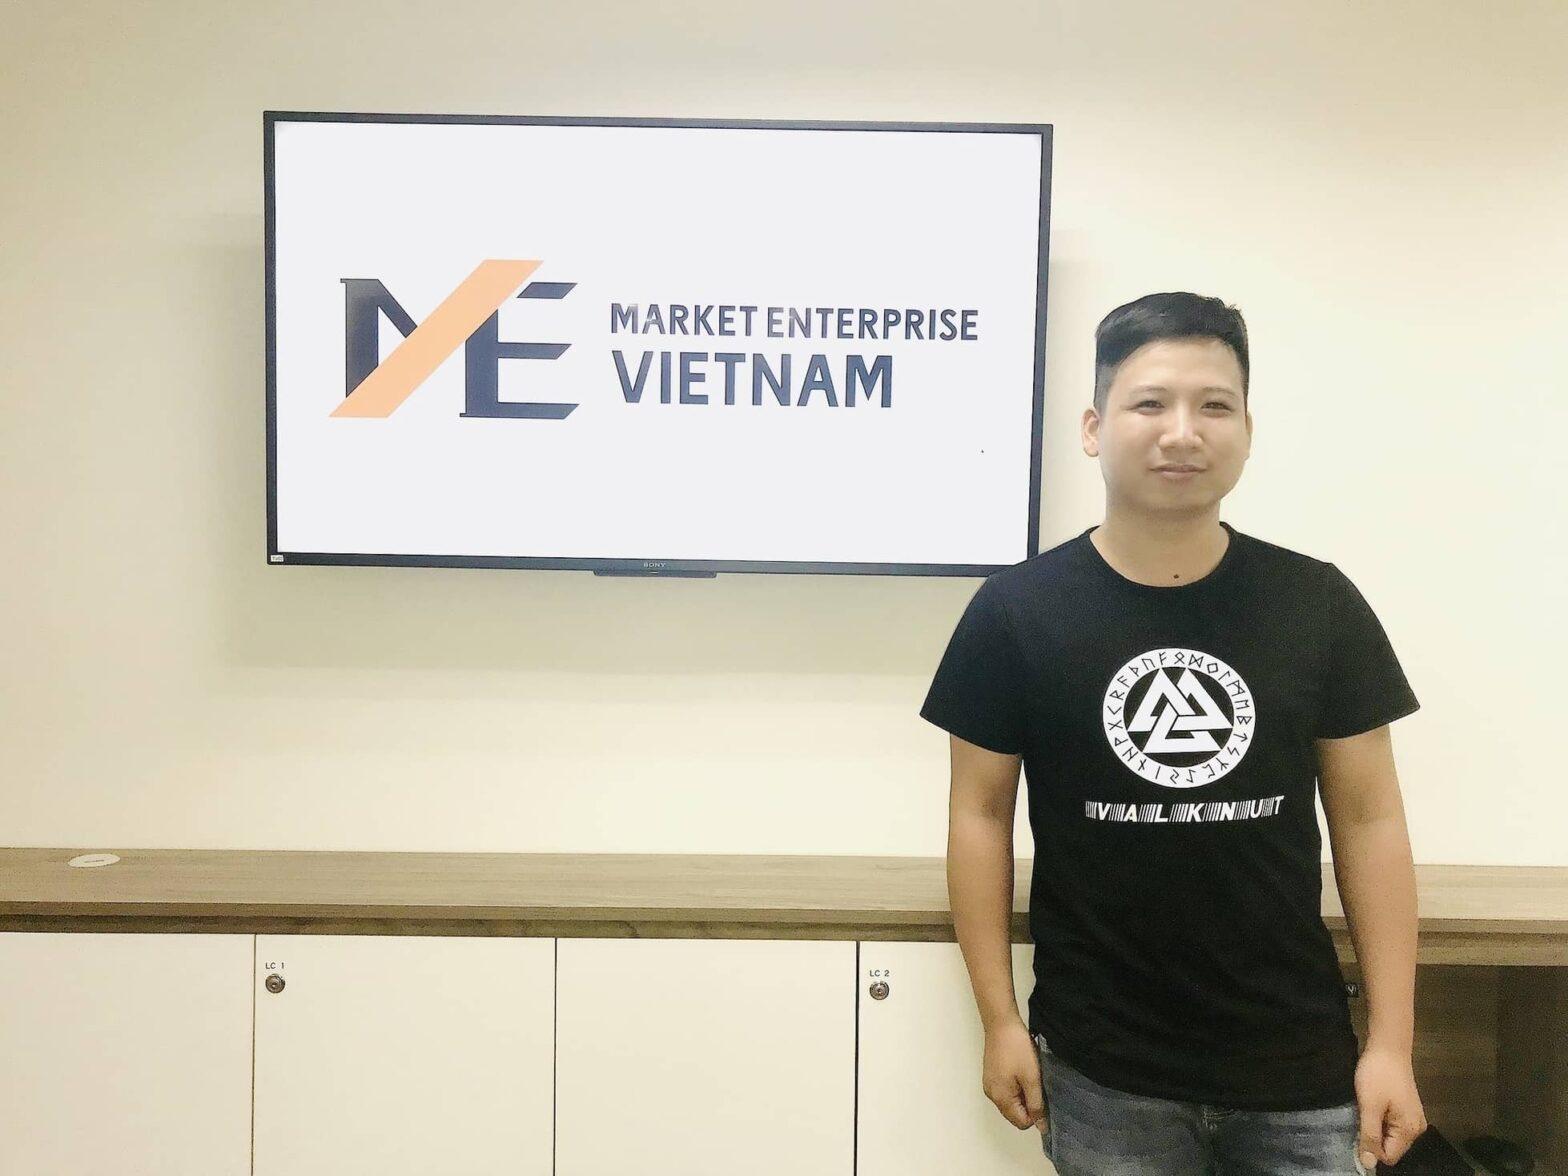 Nam Son